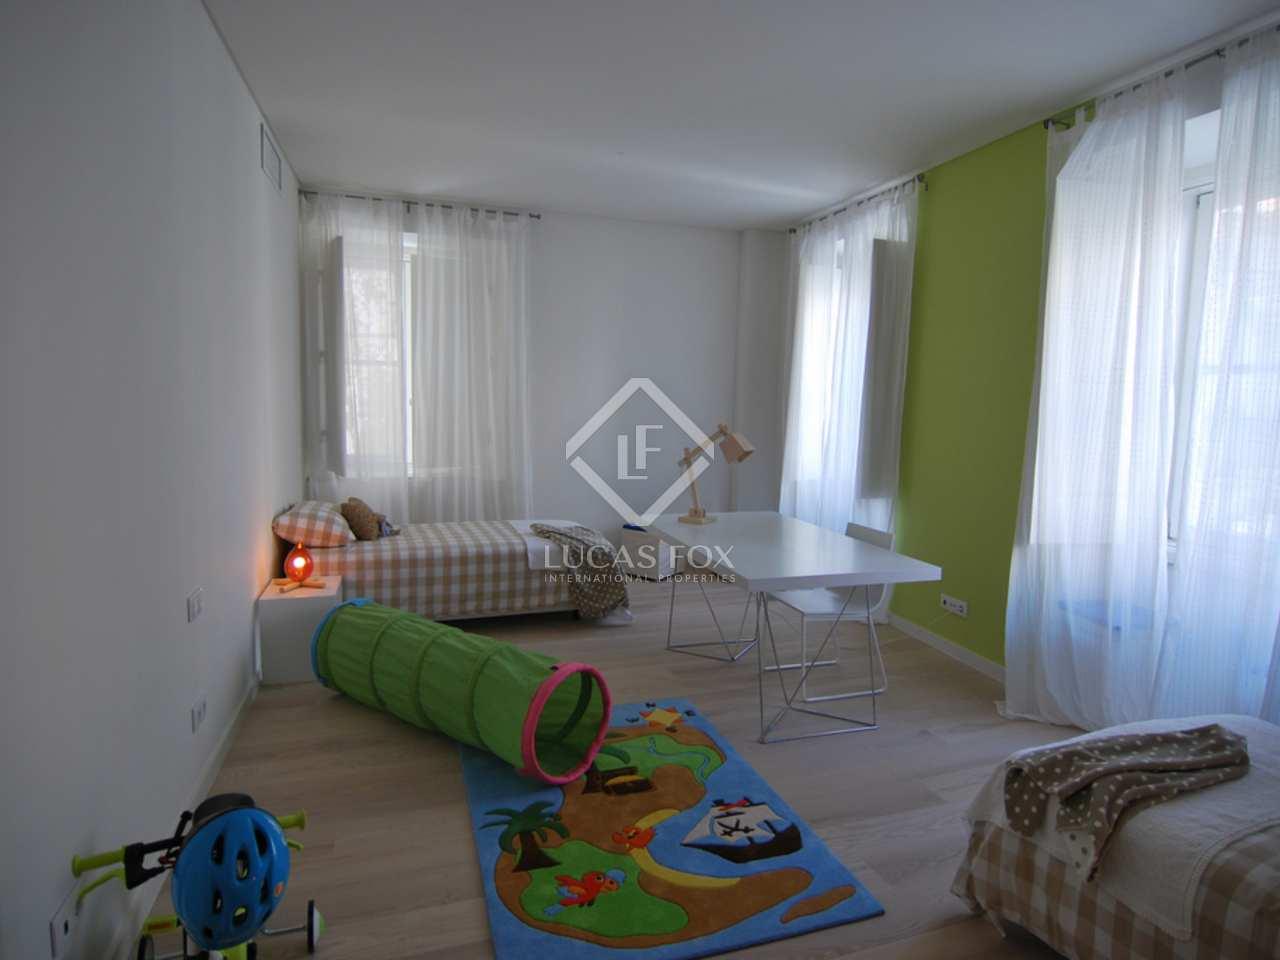 218m wohnung zum verkauf in lissabon stadt portugal. Black Bedroom Furniture Sets. Home Design Ideas